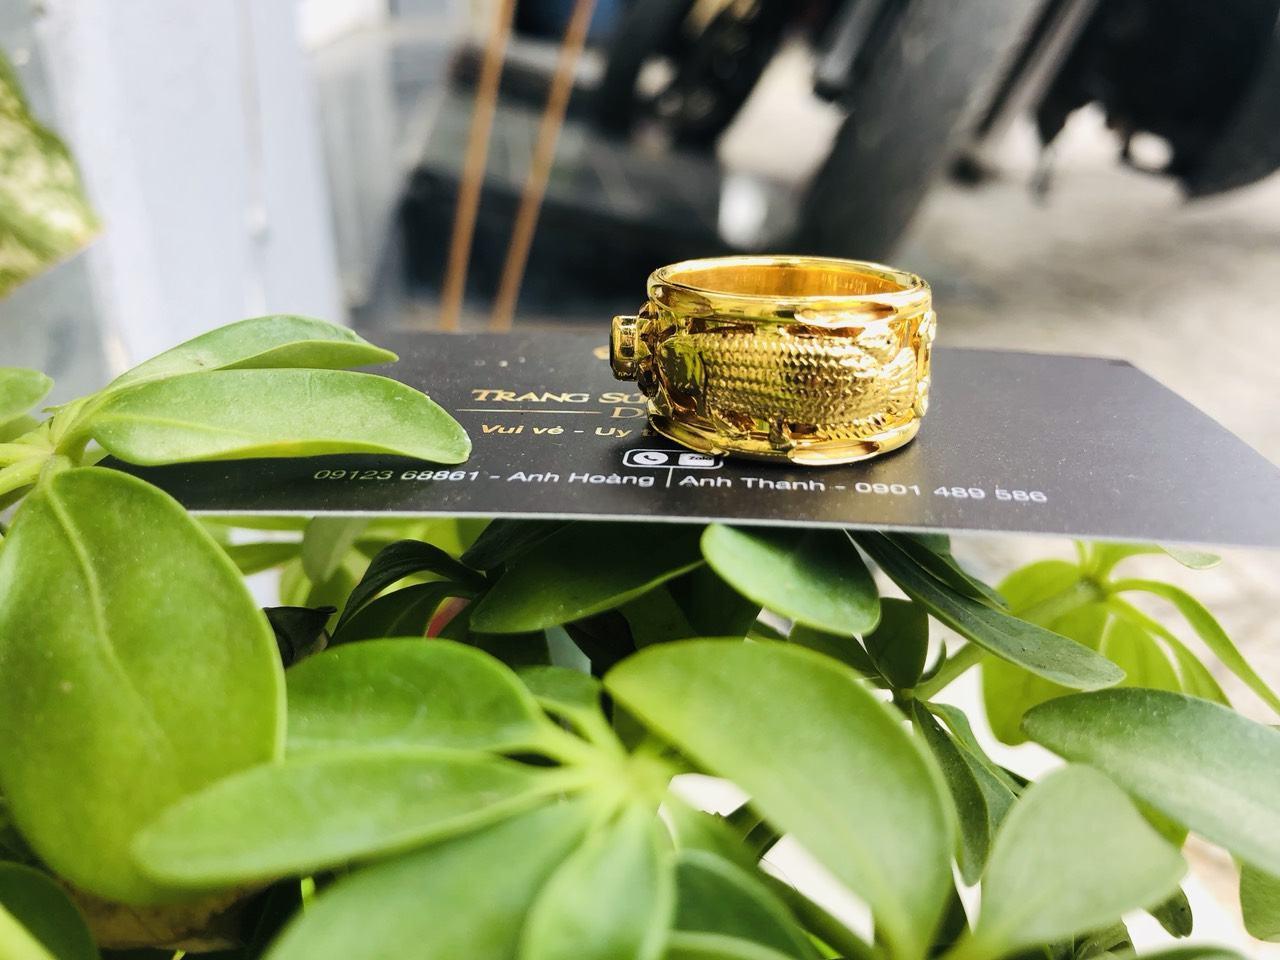 Nhẫn nam 2 cá chép vàng đính ngọc Cz đen